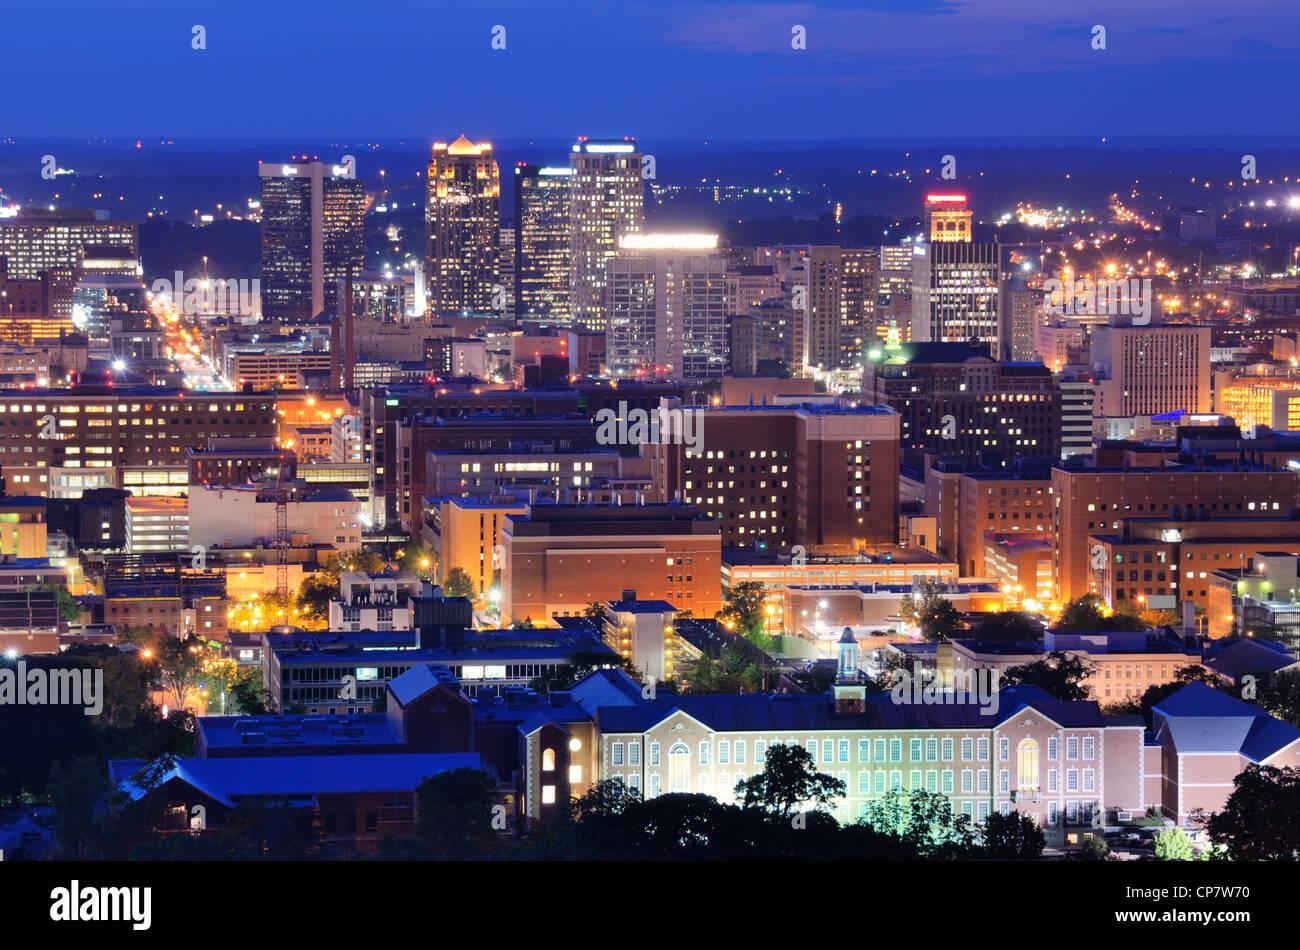 Die Innenstadt von Skyline von Birmingham, Alabama, USA in der Nacht. Stockbild